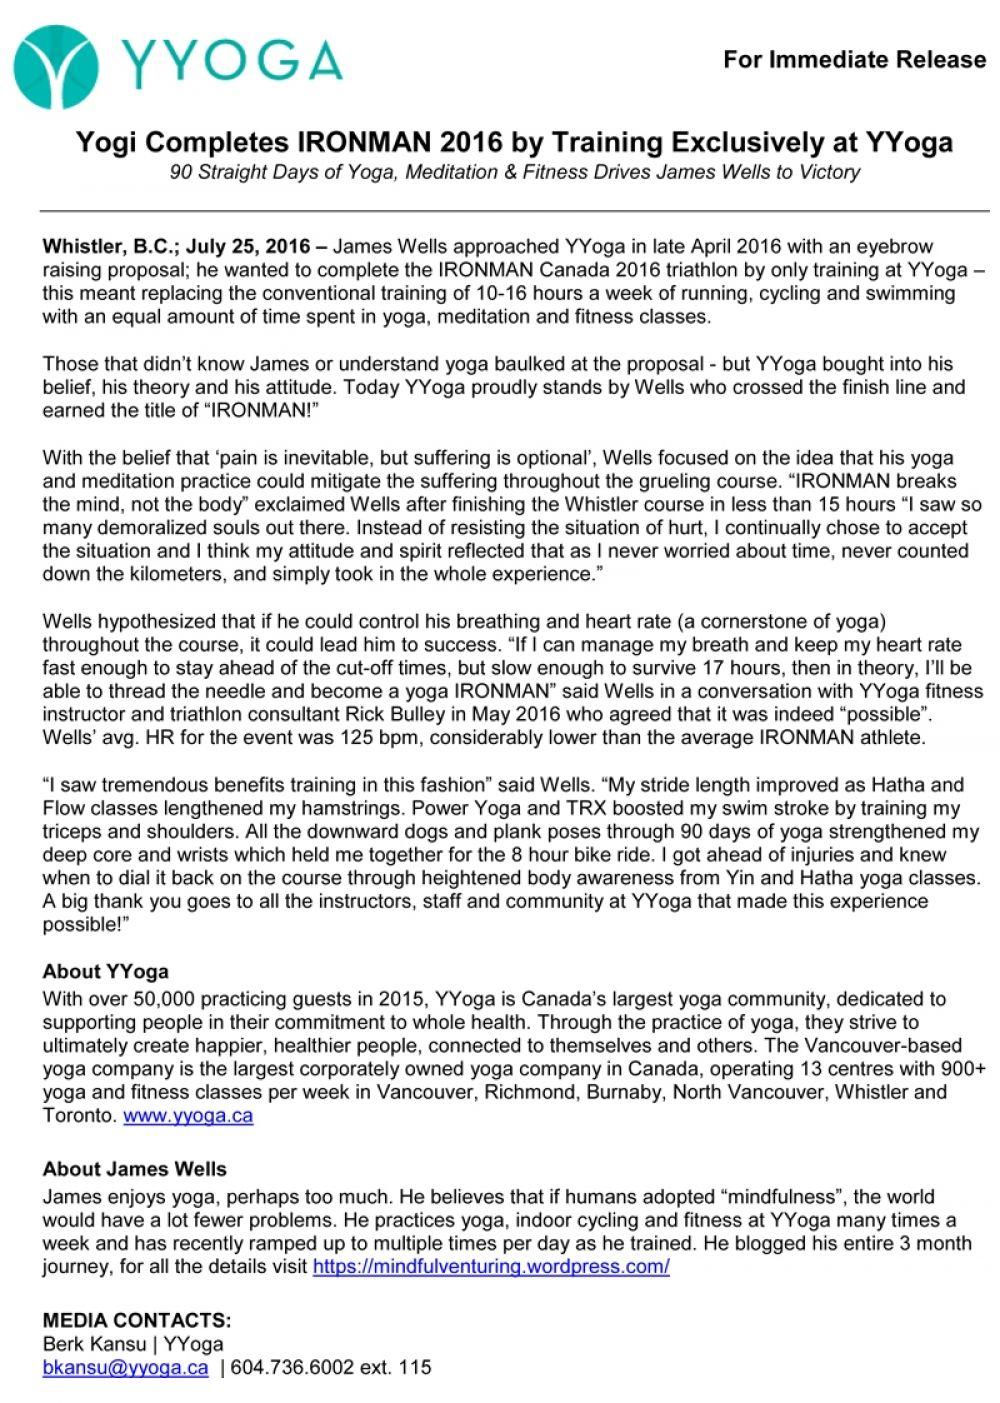 Release Yyoga Ironman Yogi